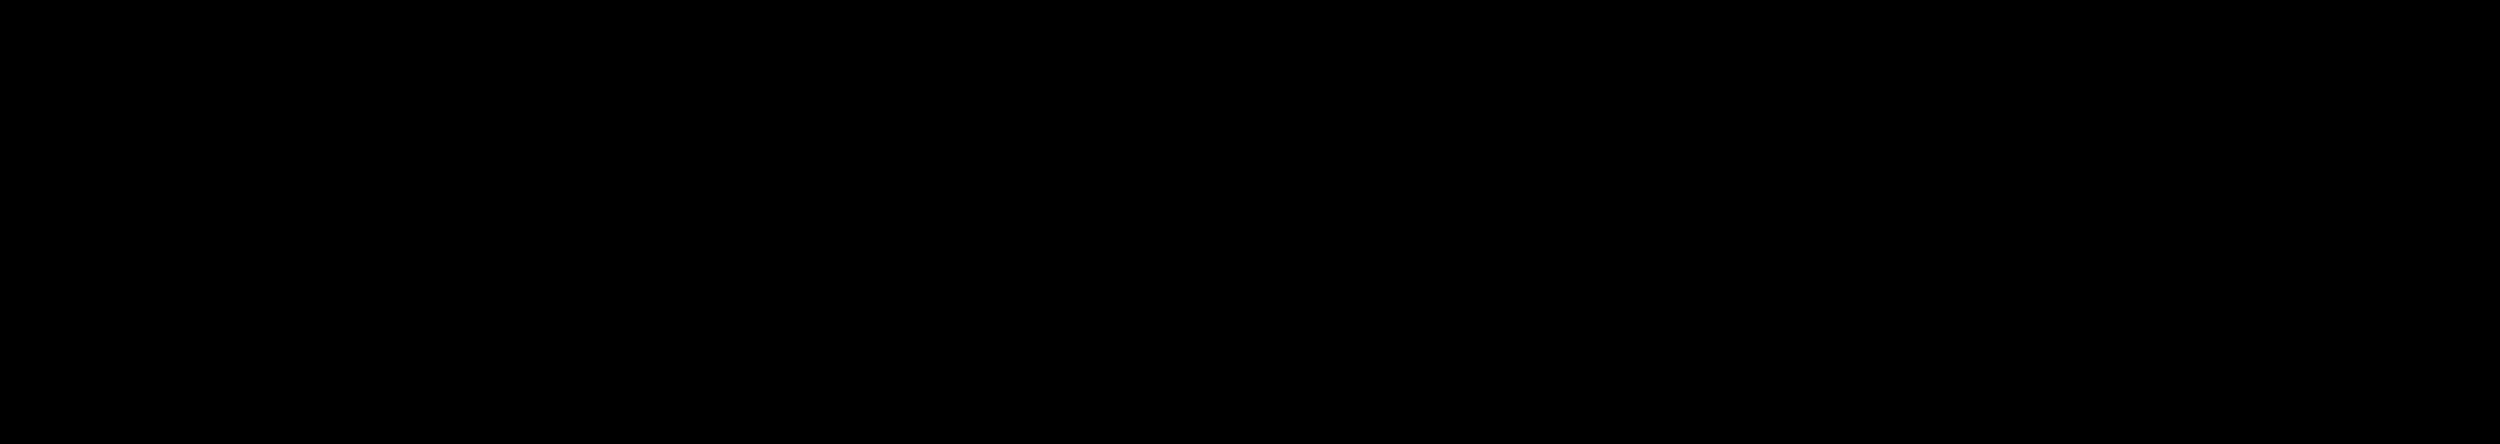 guineito - logo y letras-21.png